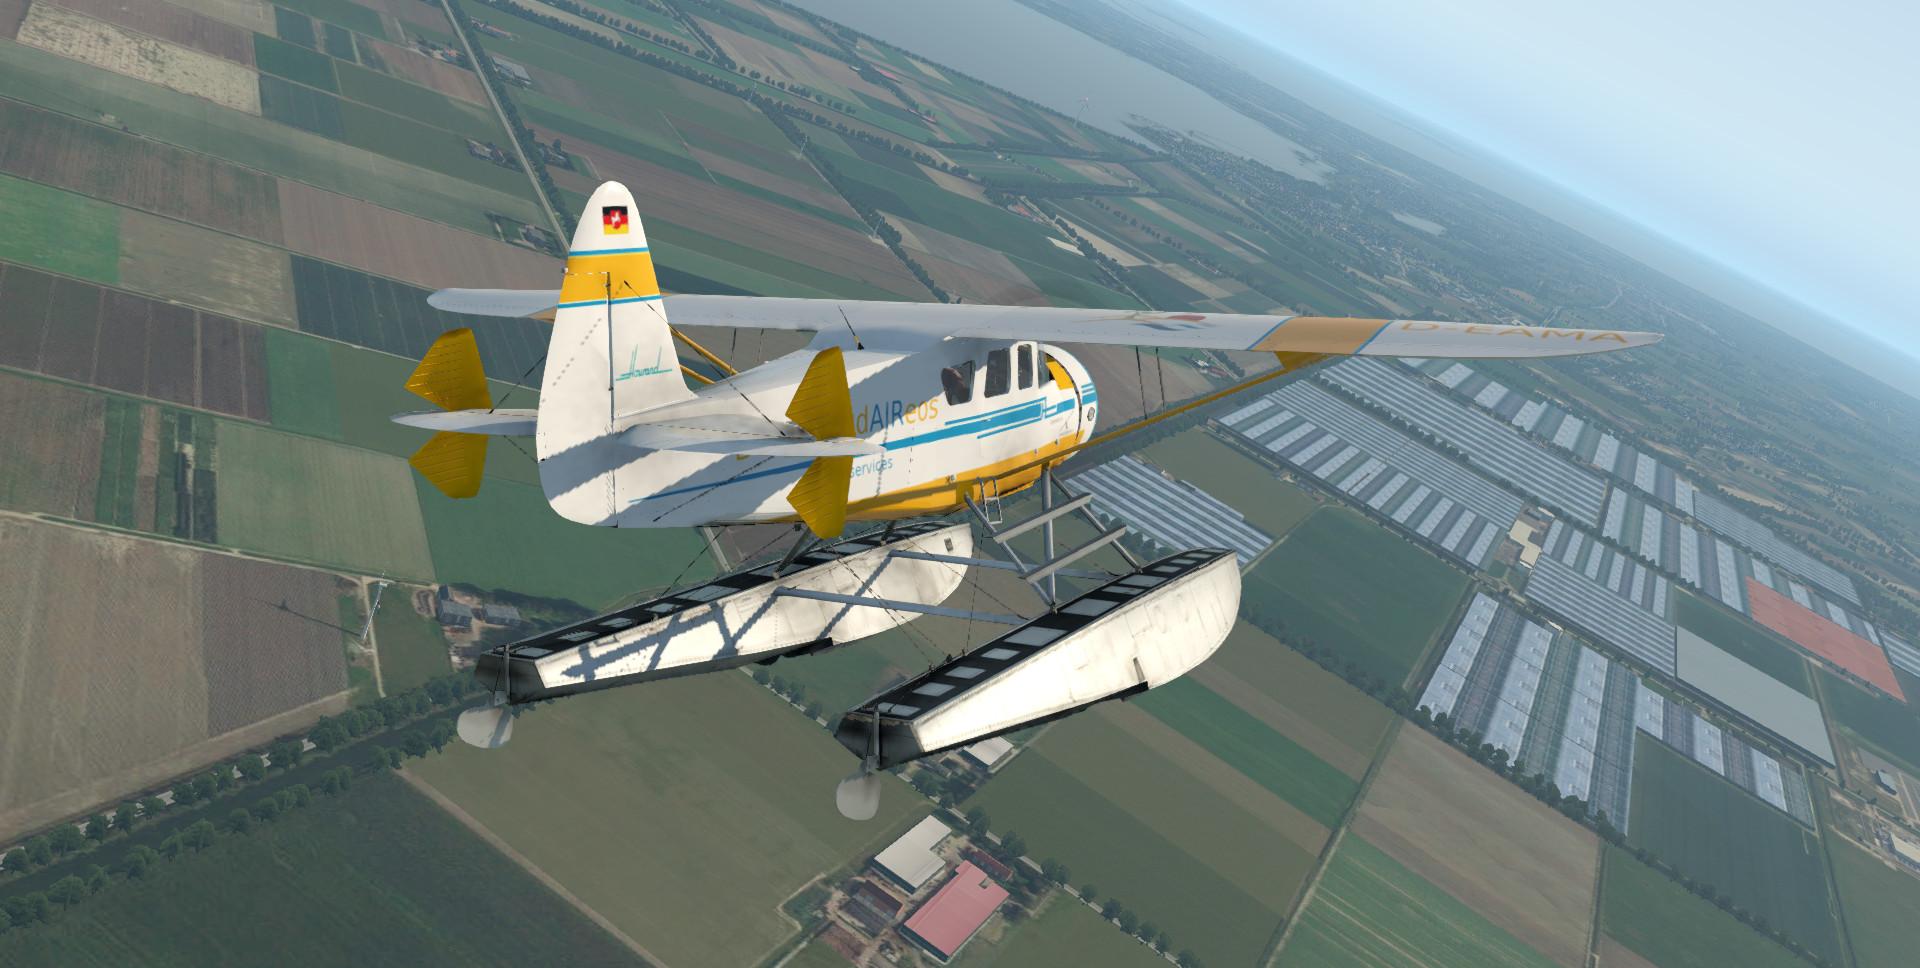 nordseerundflug-041ukj2g.jpg